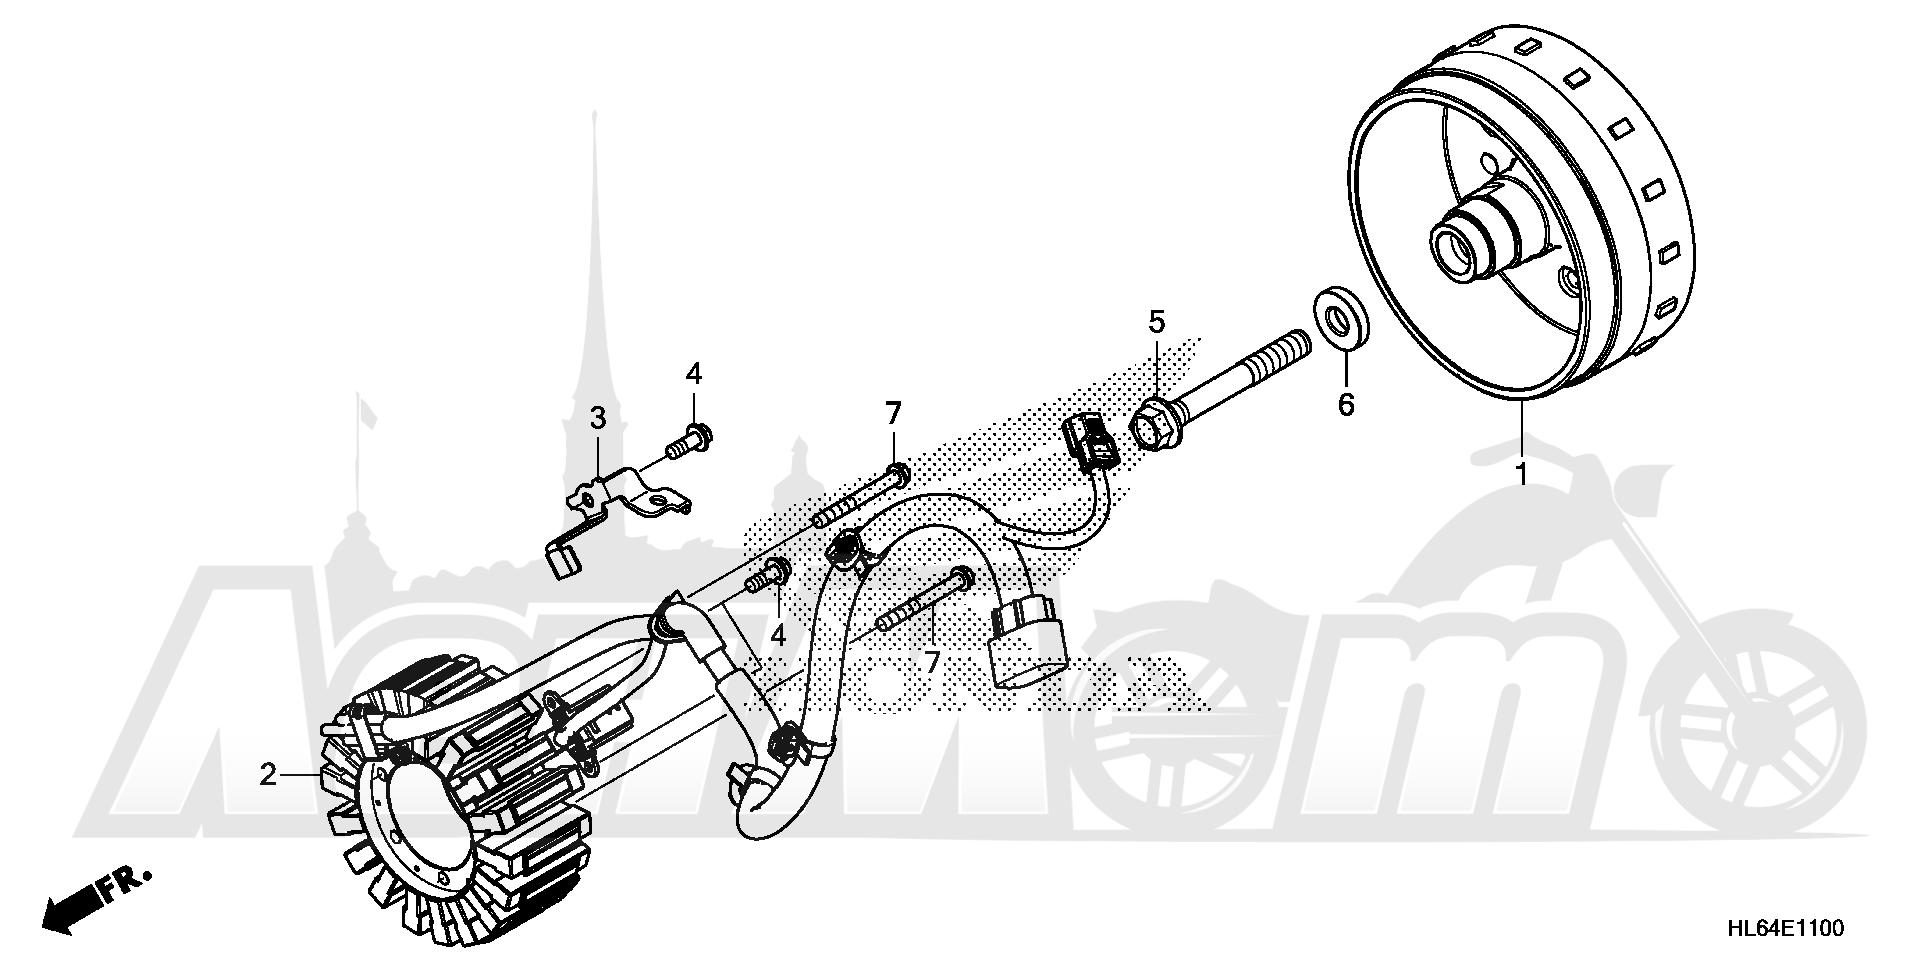 Запчасти для Квадроцикла Honda 2019 SXS1000S2R Раздел: ALTERNATOR | генератор